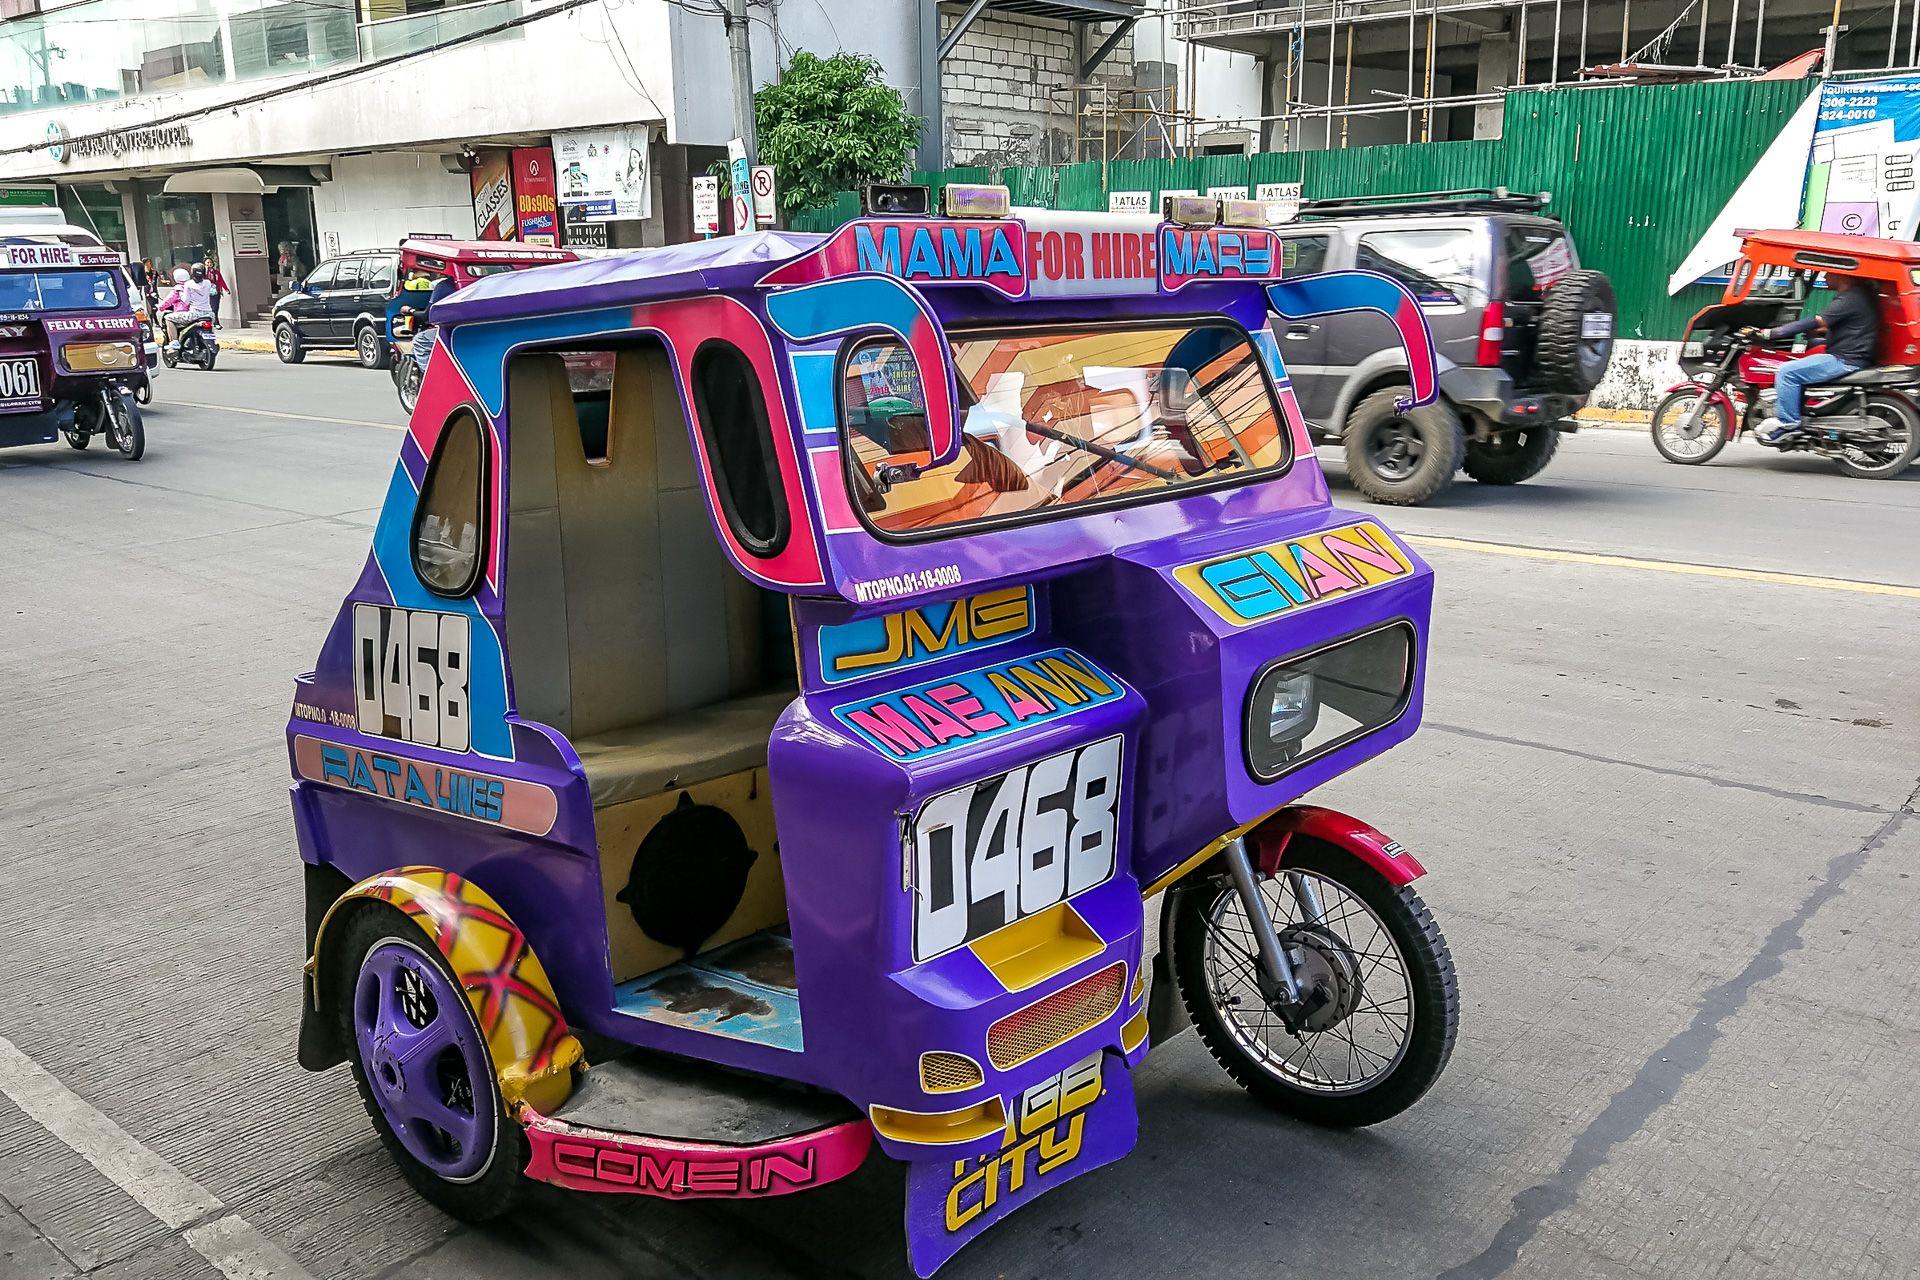 Филиппины, Панглао, Бохол, Бохоль, плюсы и минусы Филиппин, плюсы и минусы Панглао, отпуск на Филиппинах отзывы, Панглао отзывы , отпуск Бохол отзывы, куда лучше поехать в отпуск в Азии, куда поехать на Филиппинах,